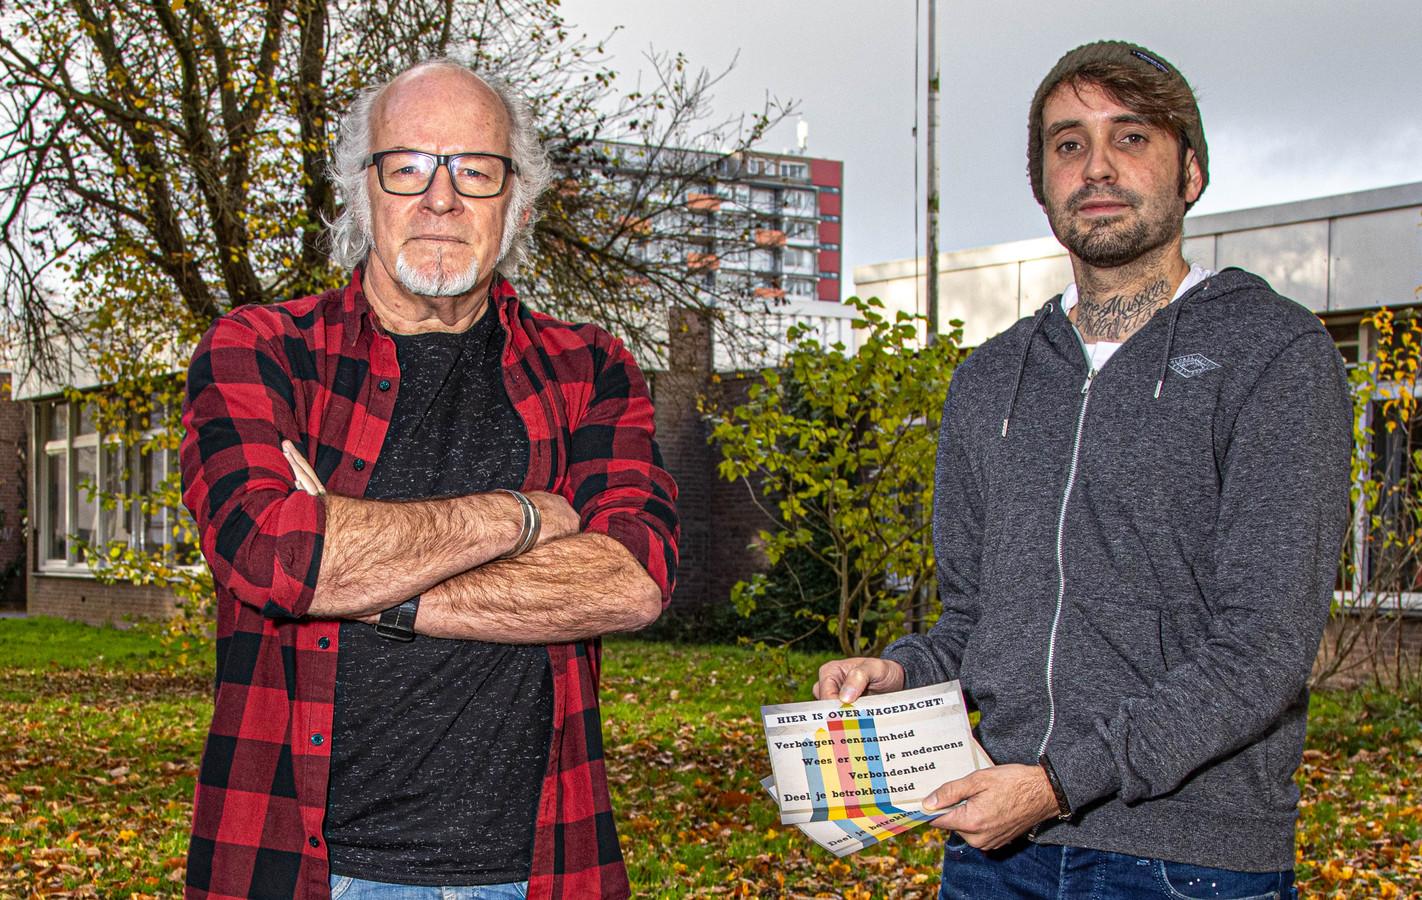 Tonio Aa (l) en Peter (r) delen folders uit in de buurt Dieze-Oost.